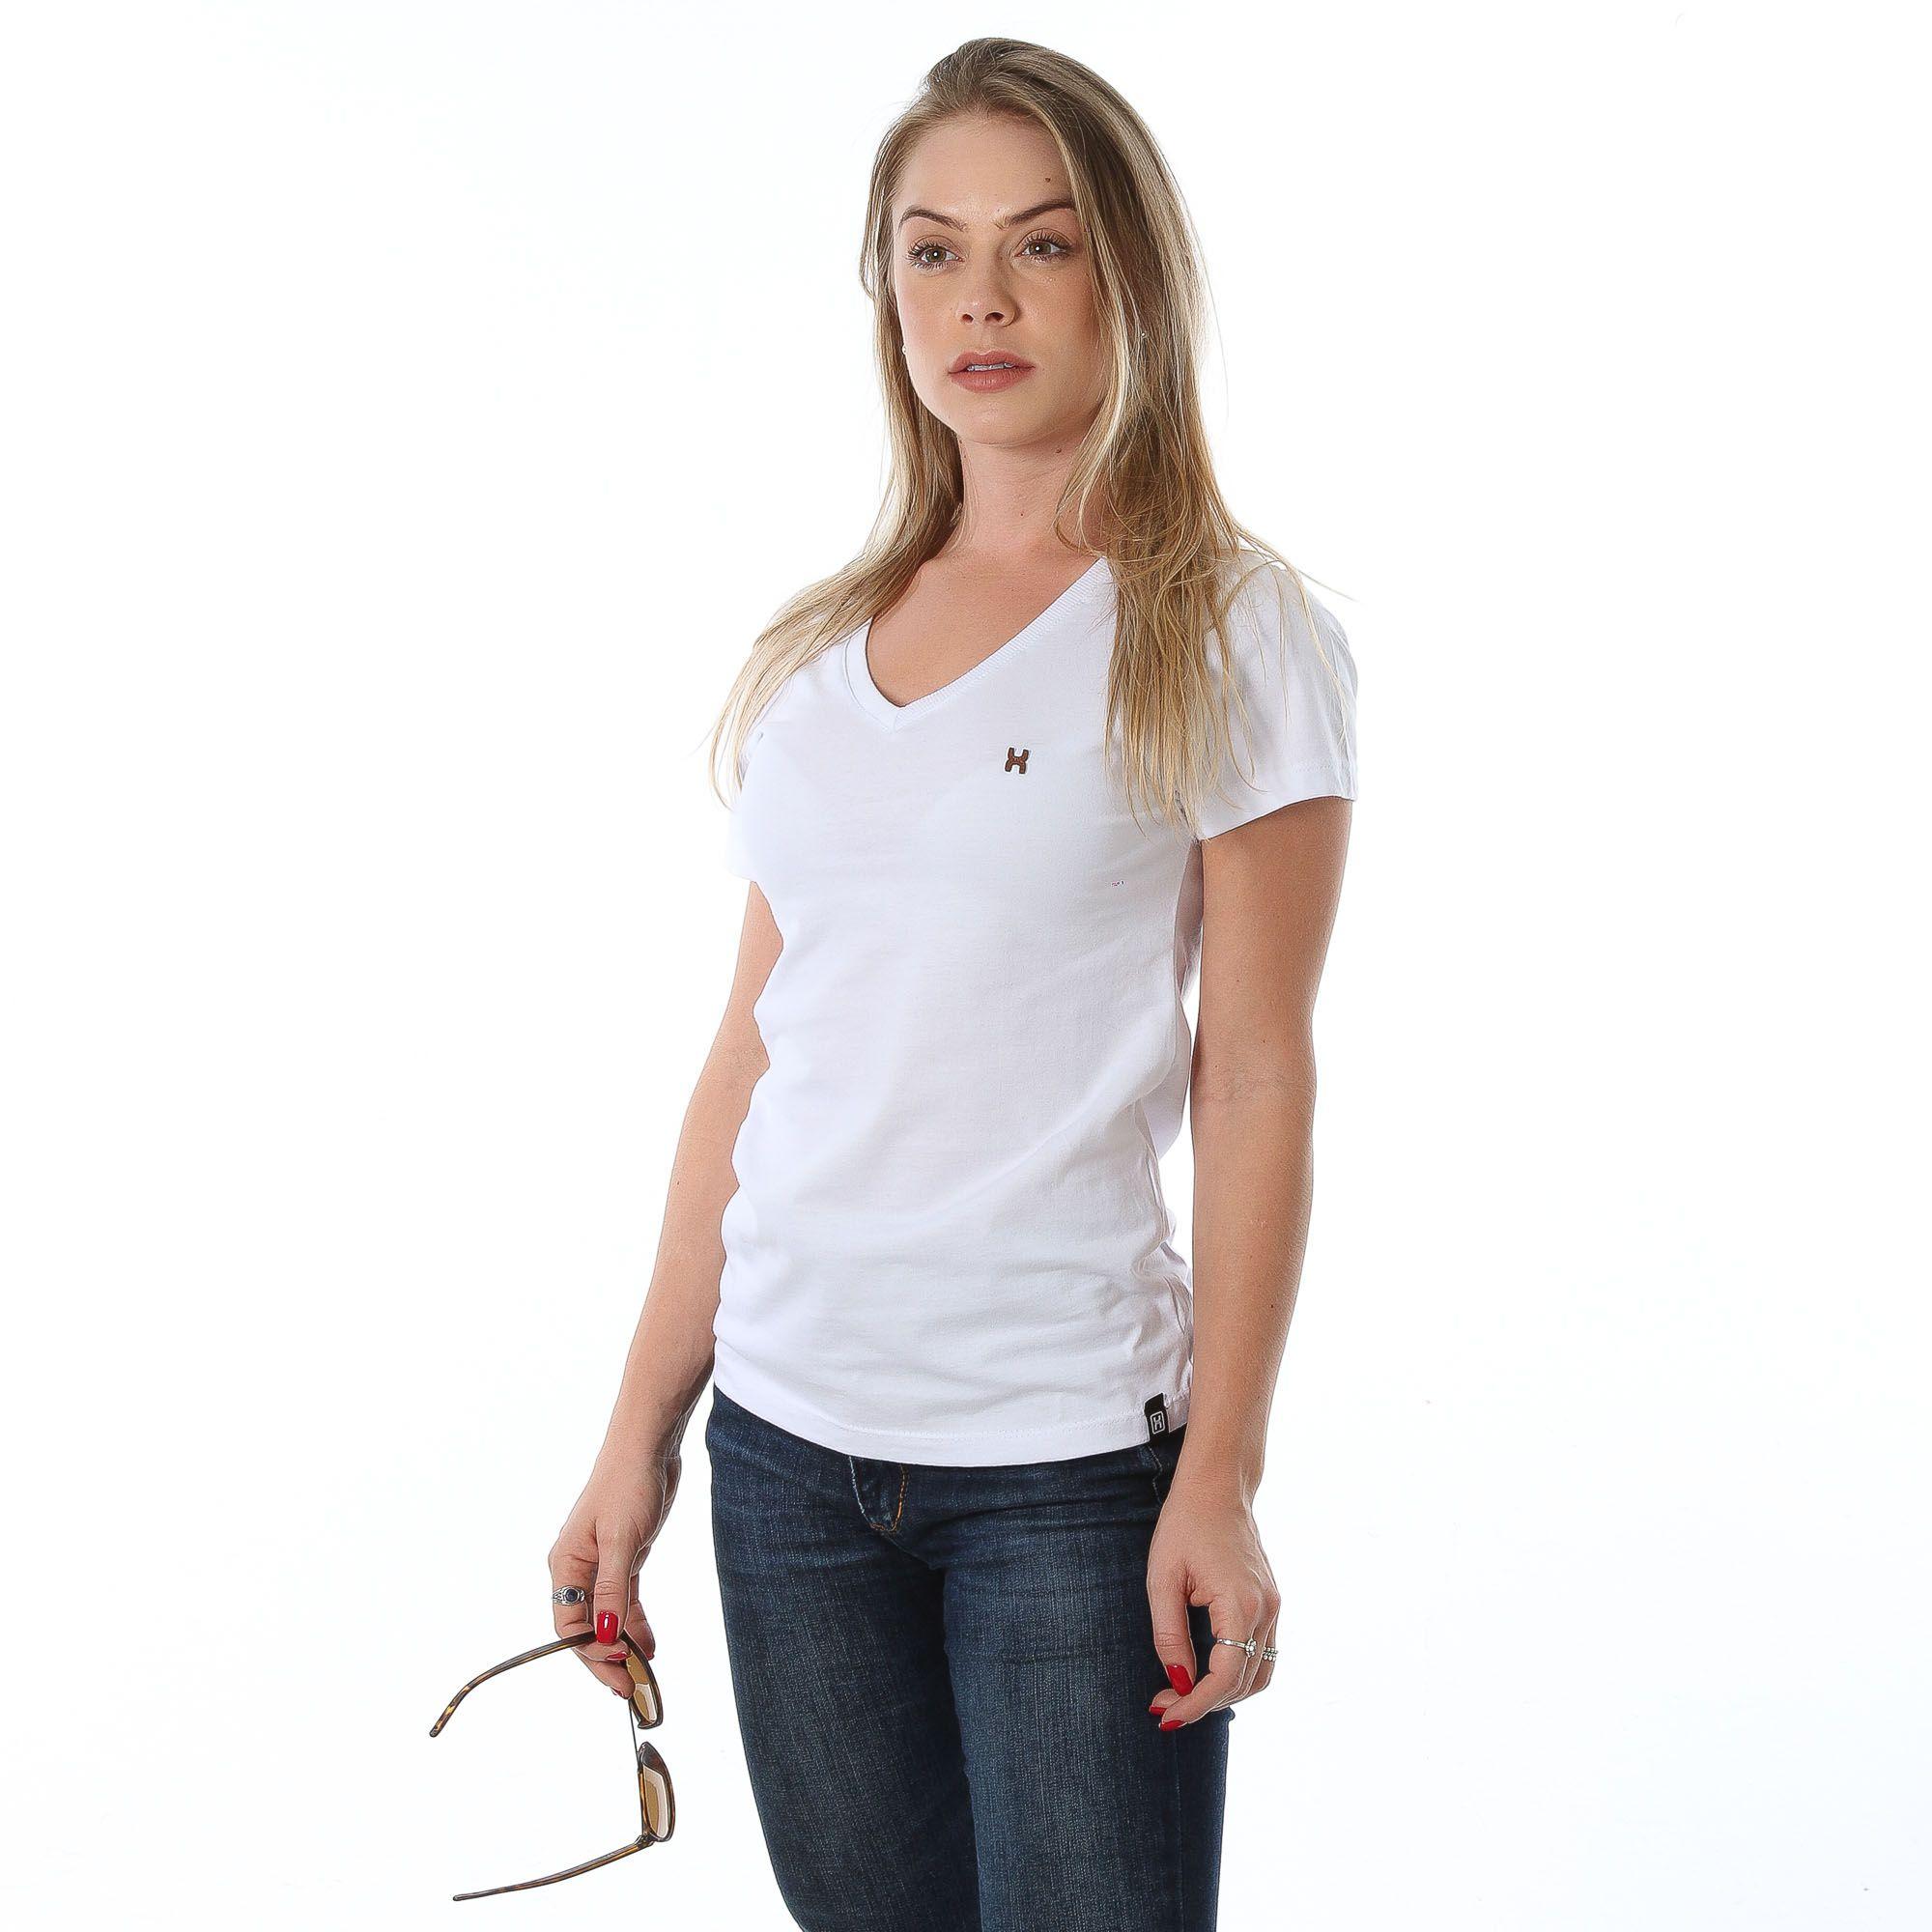 Camiseta Feminina TXC 4444